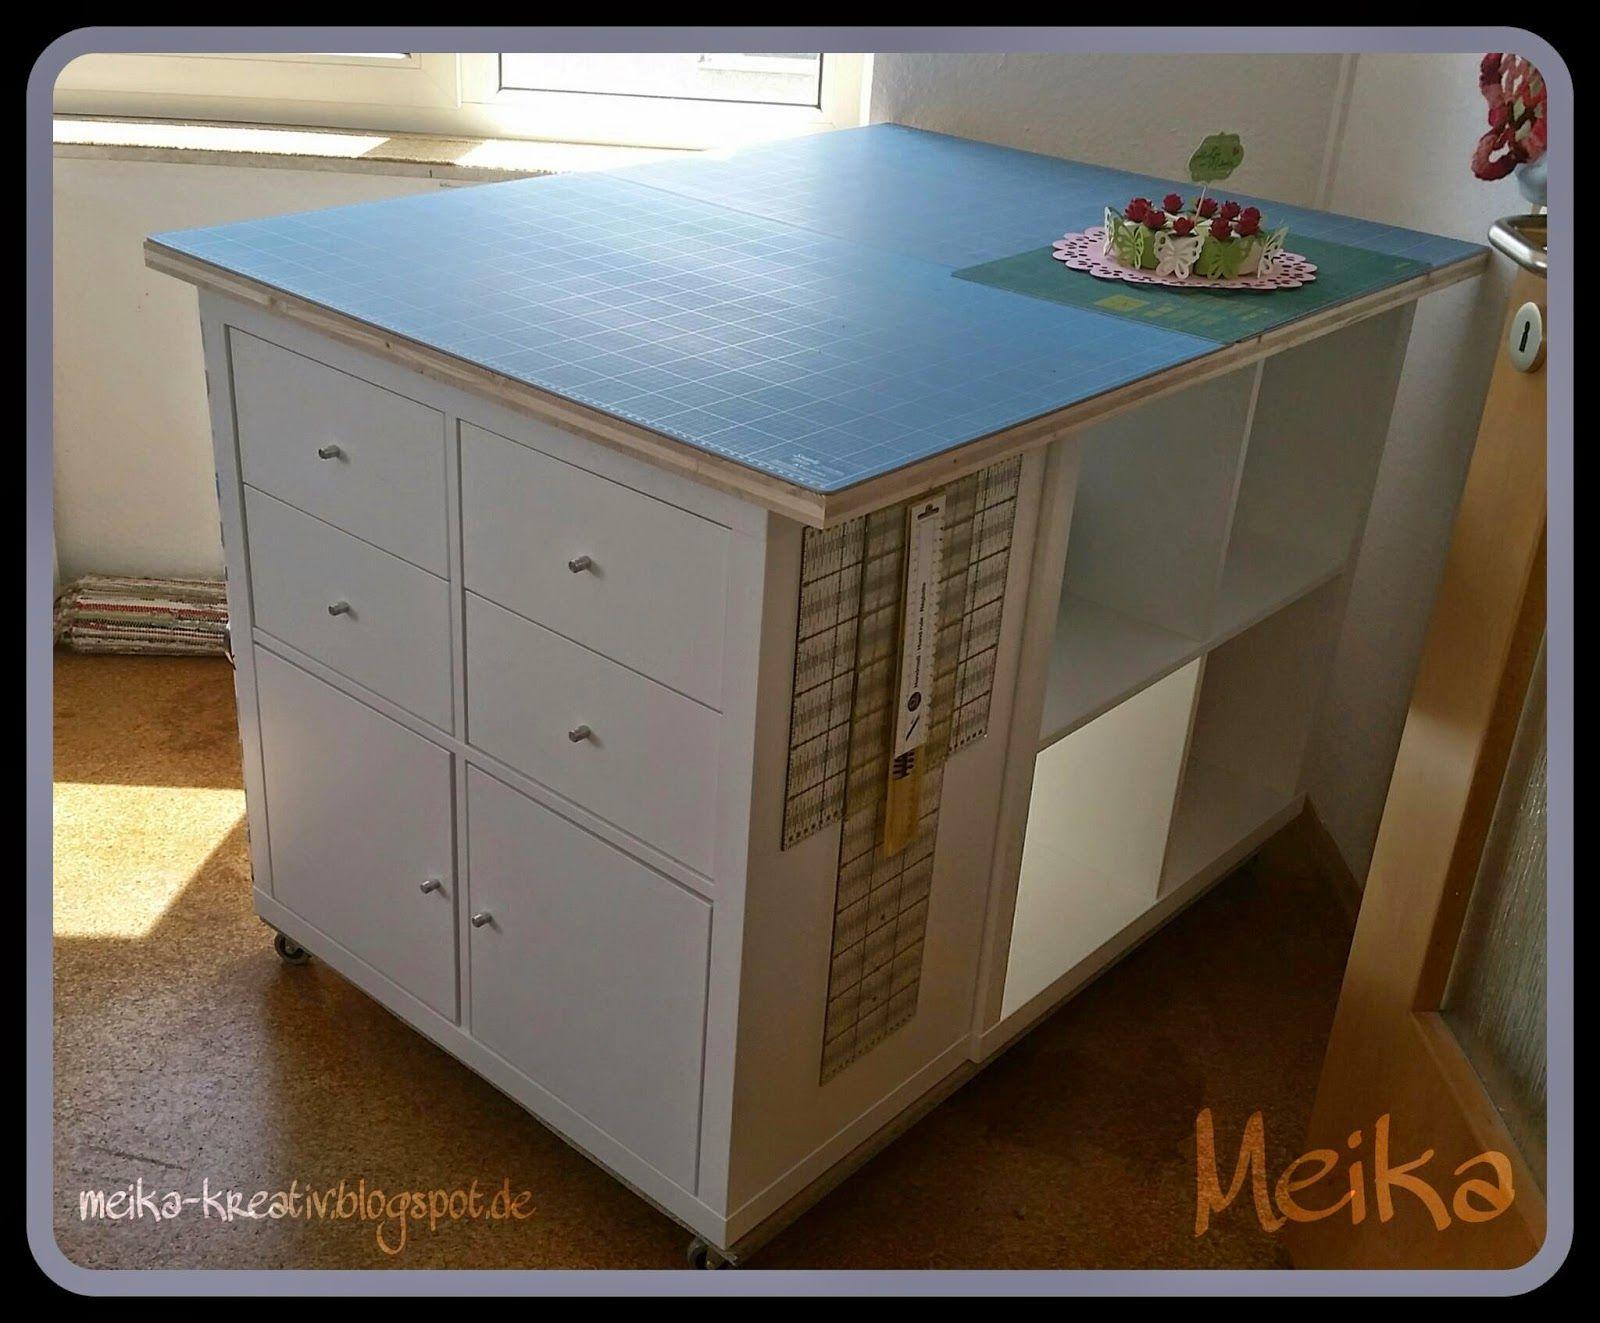 Meika kreativ Selbst gebauter Zuschneidetisch endlich fertig DIY Ikea Hack